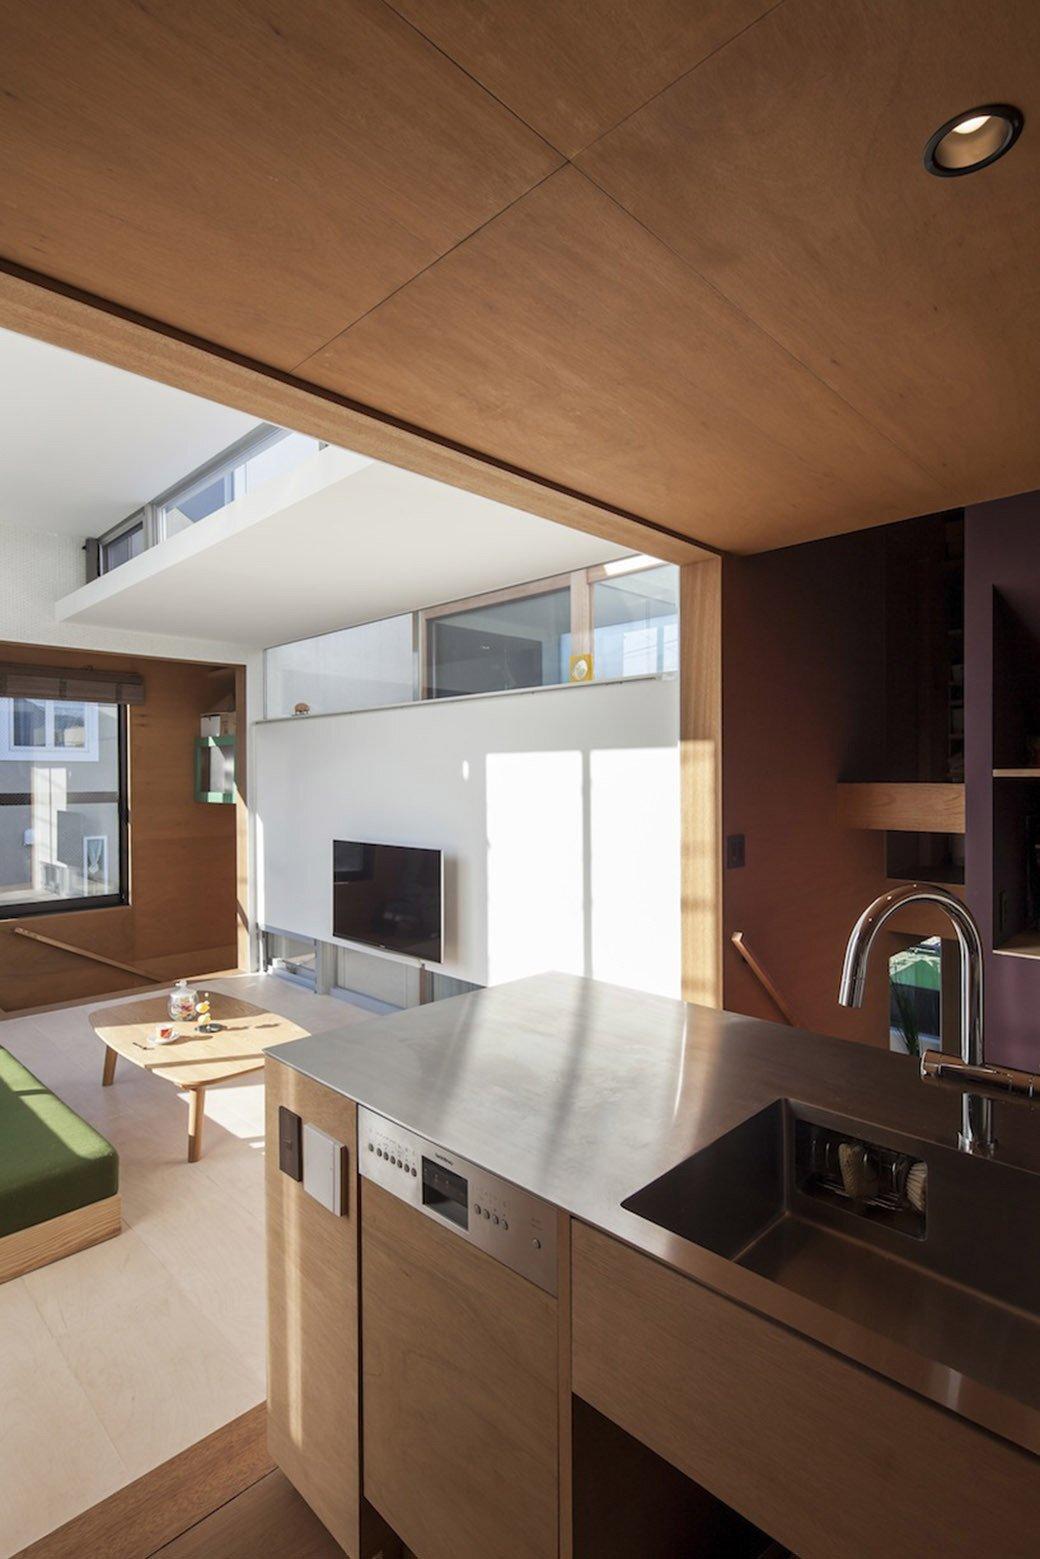 SEPA - Small House -S Shintaro Matsushita + Takashi Suzuk - Japan - Kitchen - Humble Homes